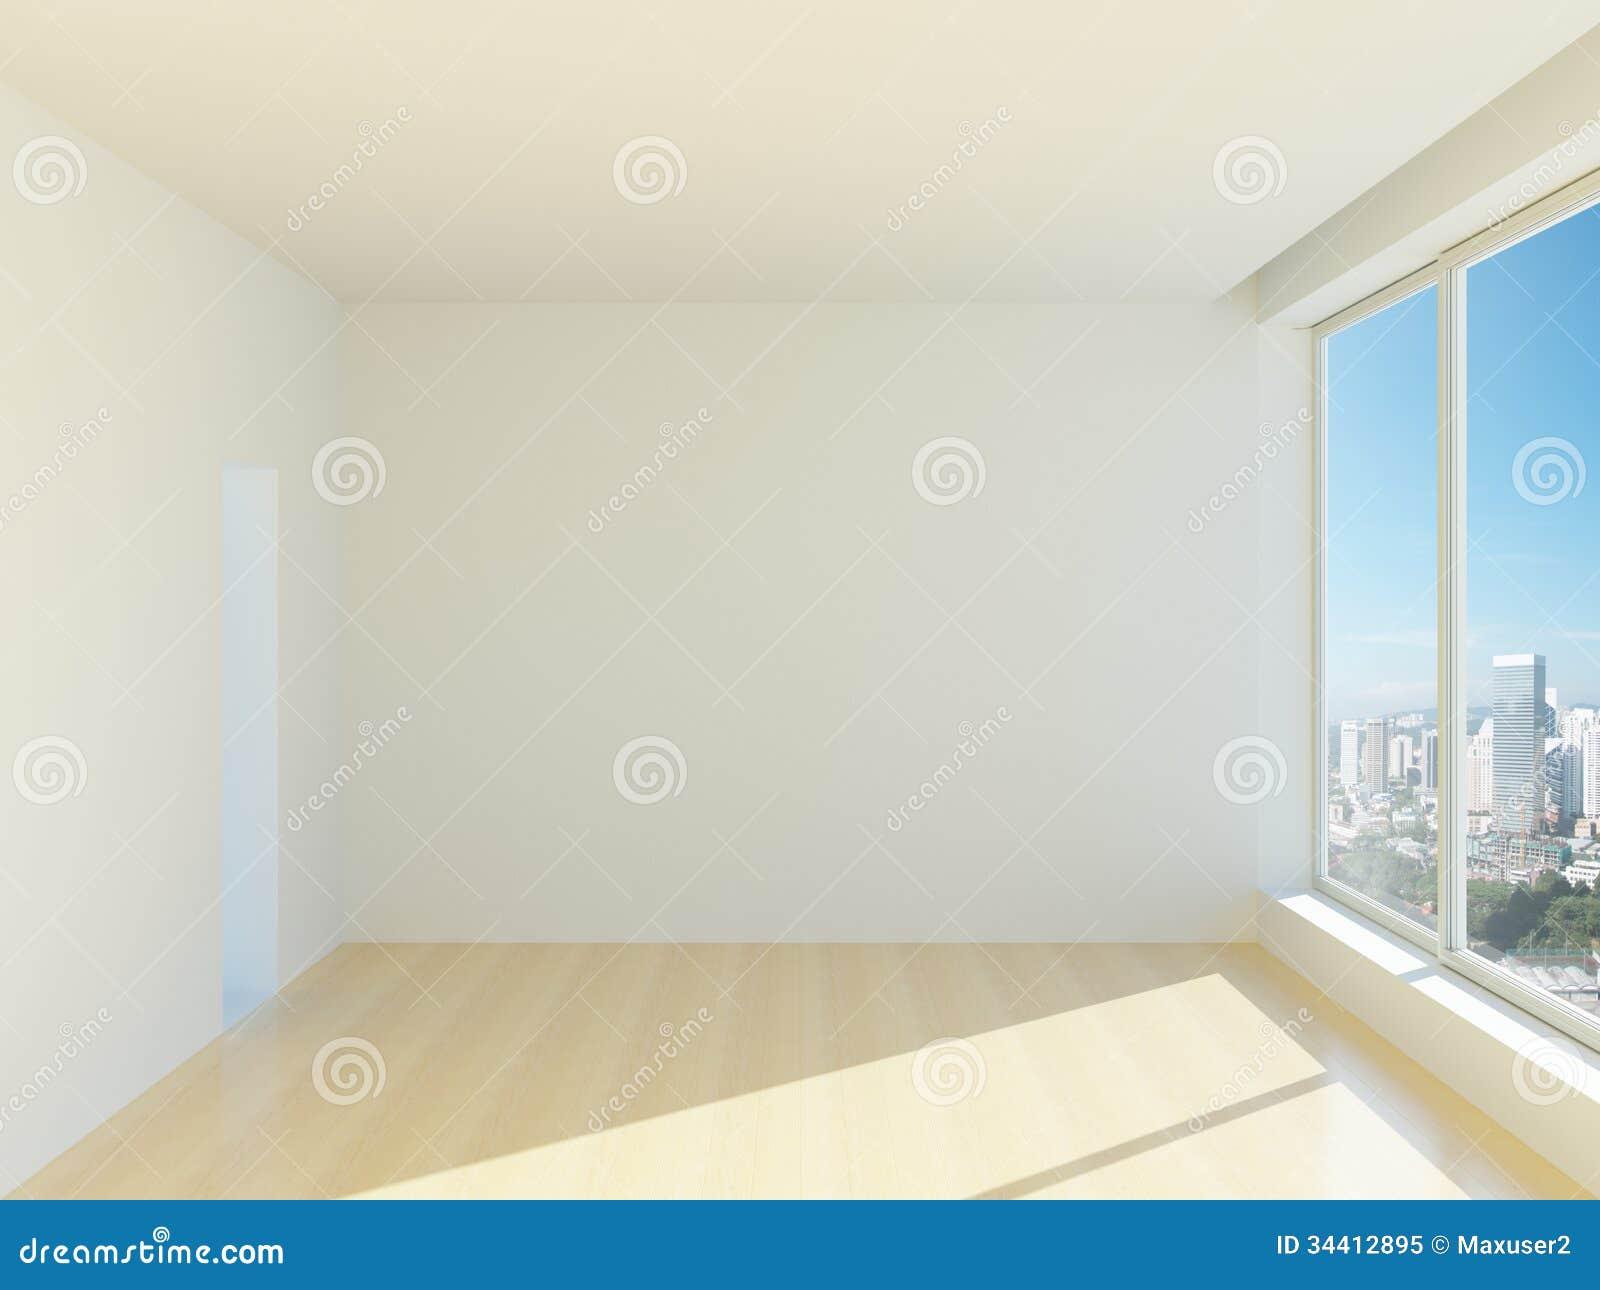 Nya kontor eller lägenheter